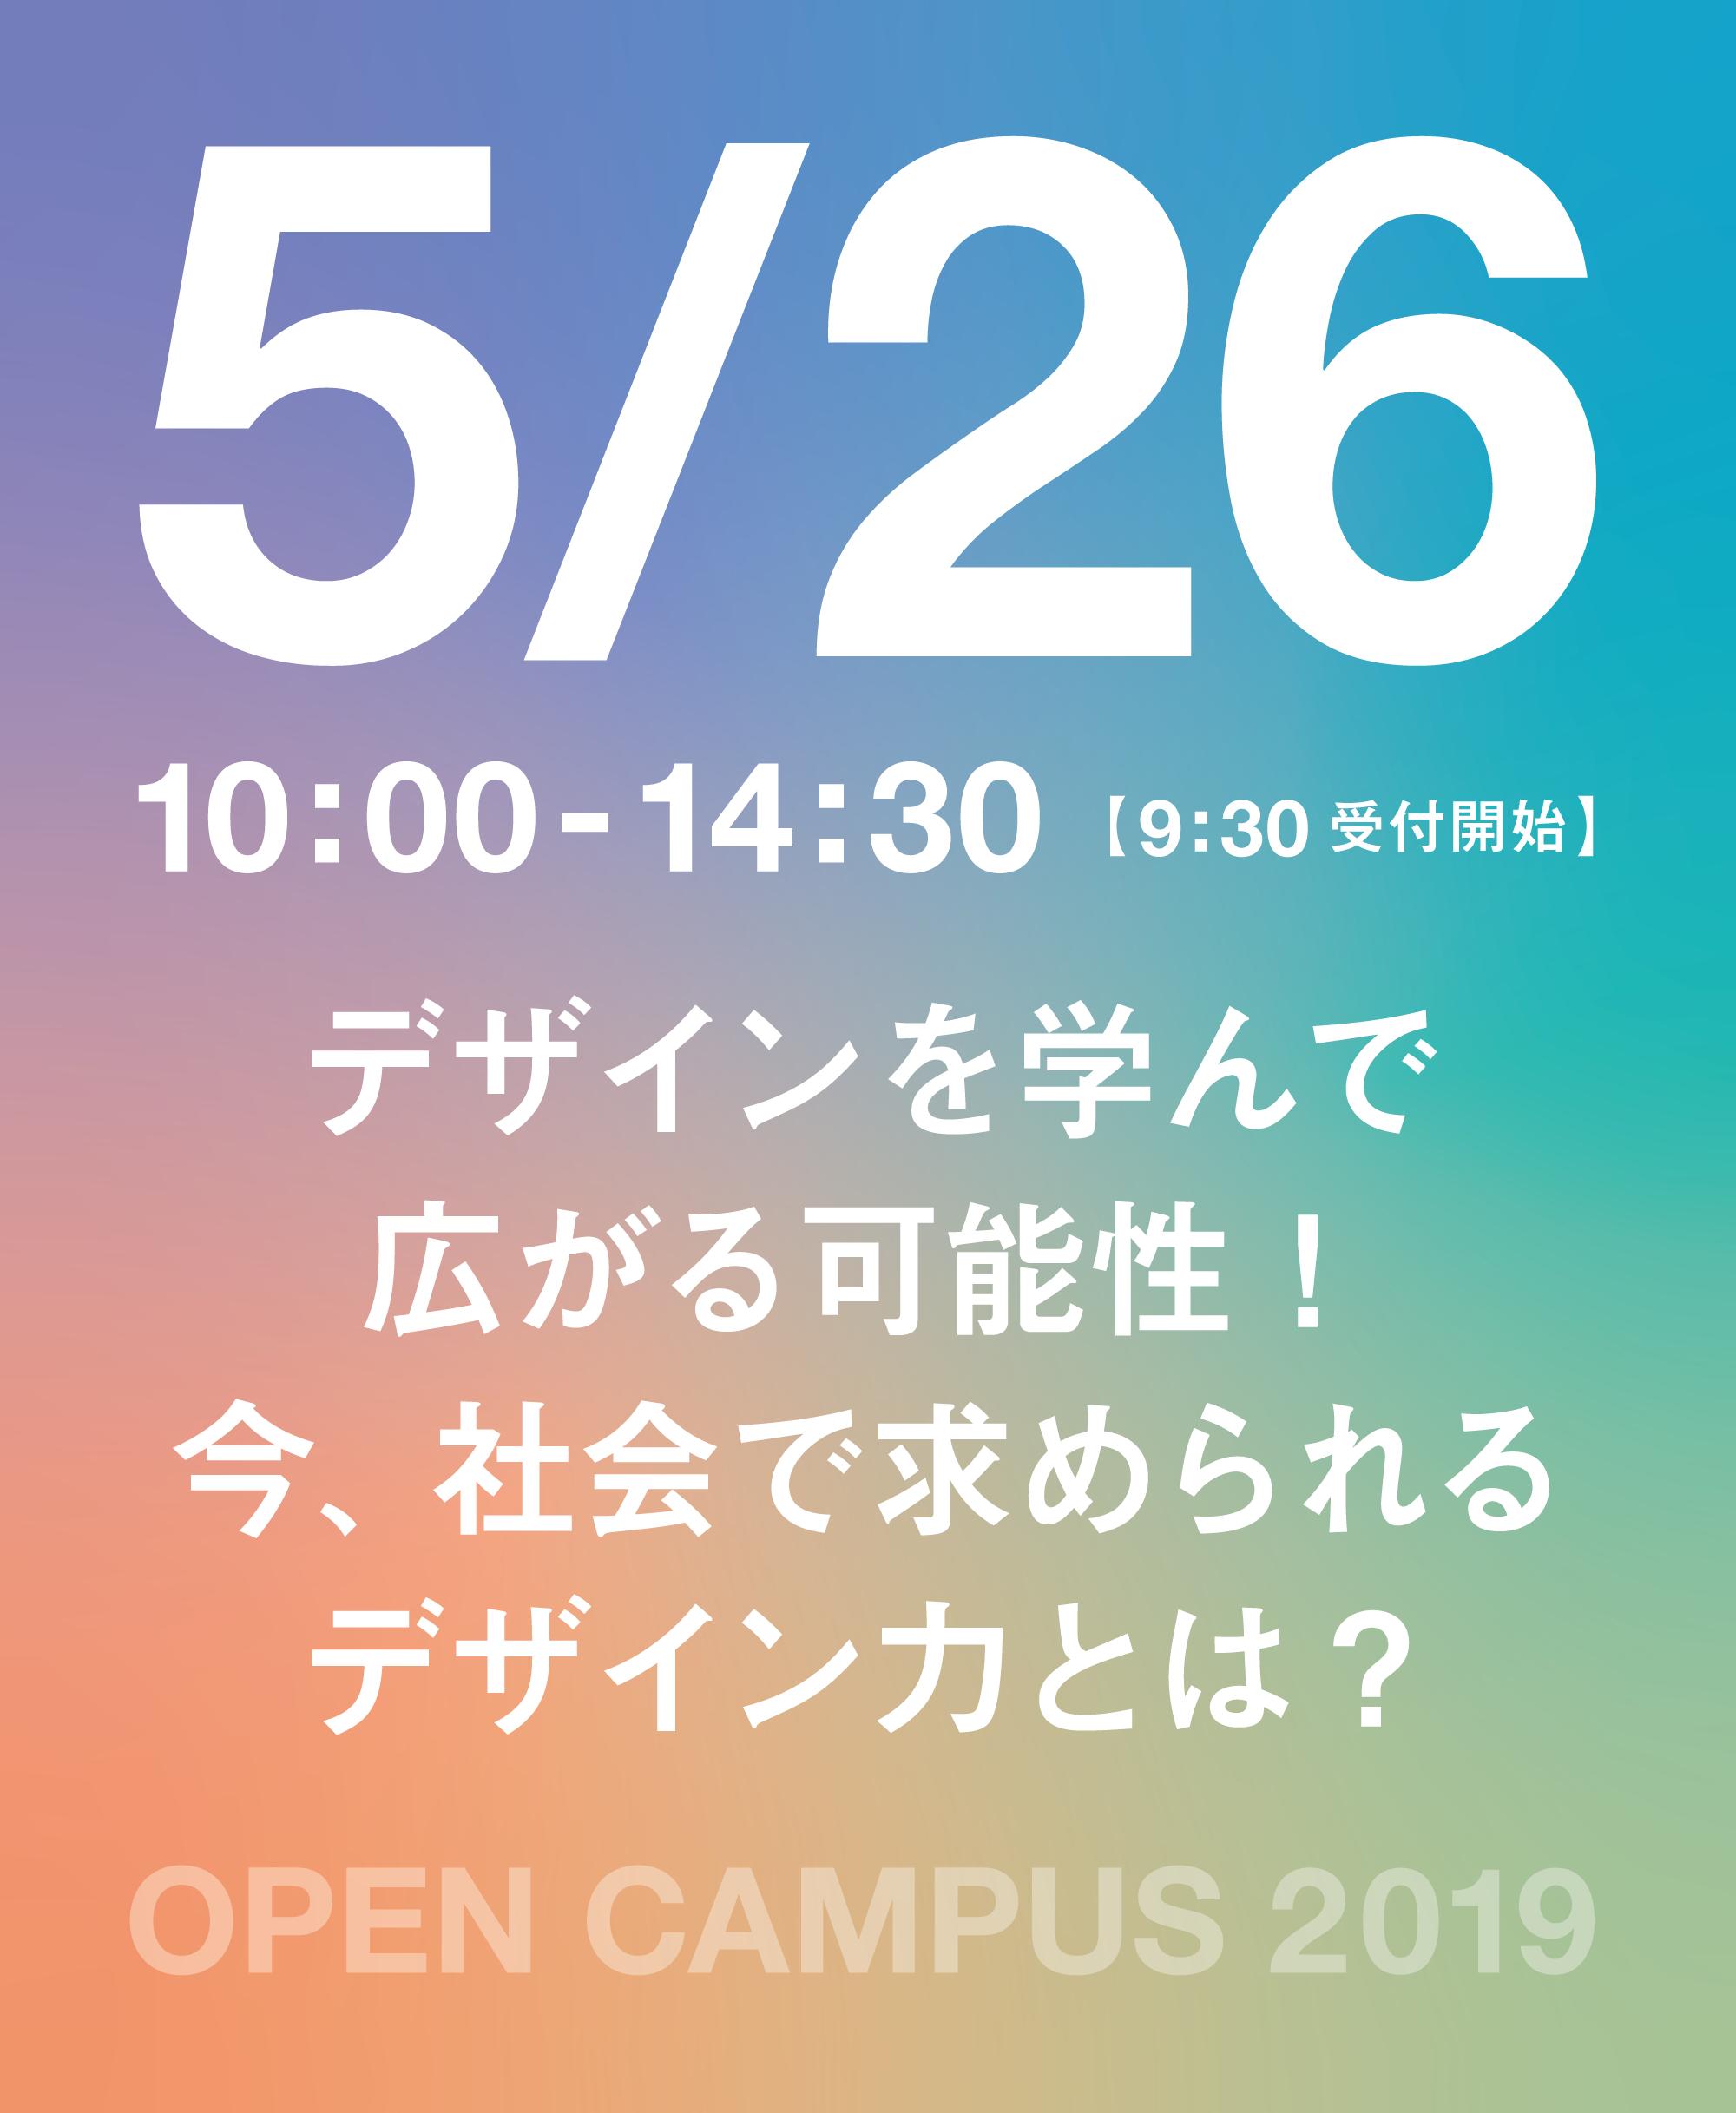 オープンキャンパス開催!! 【5/26】